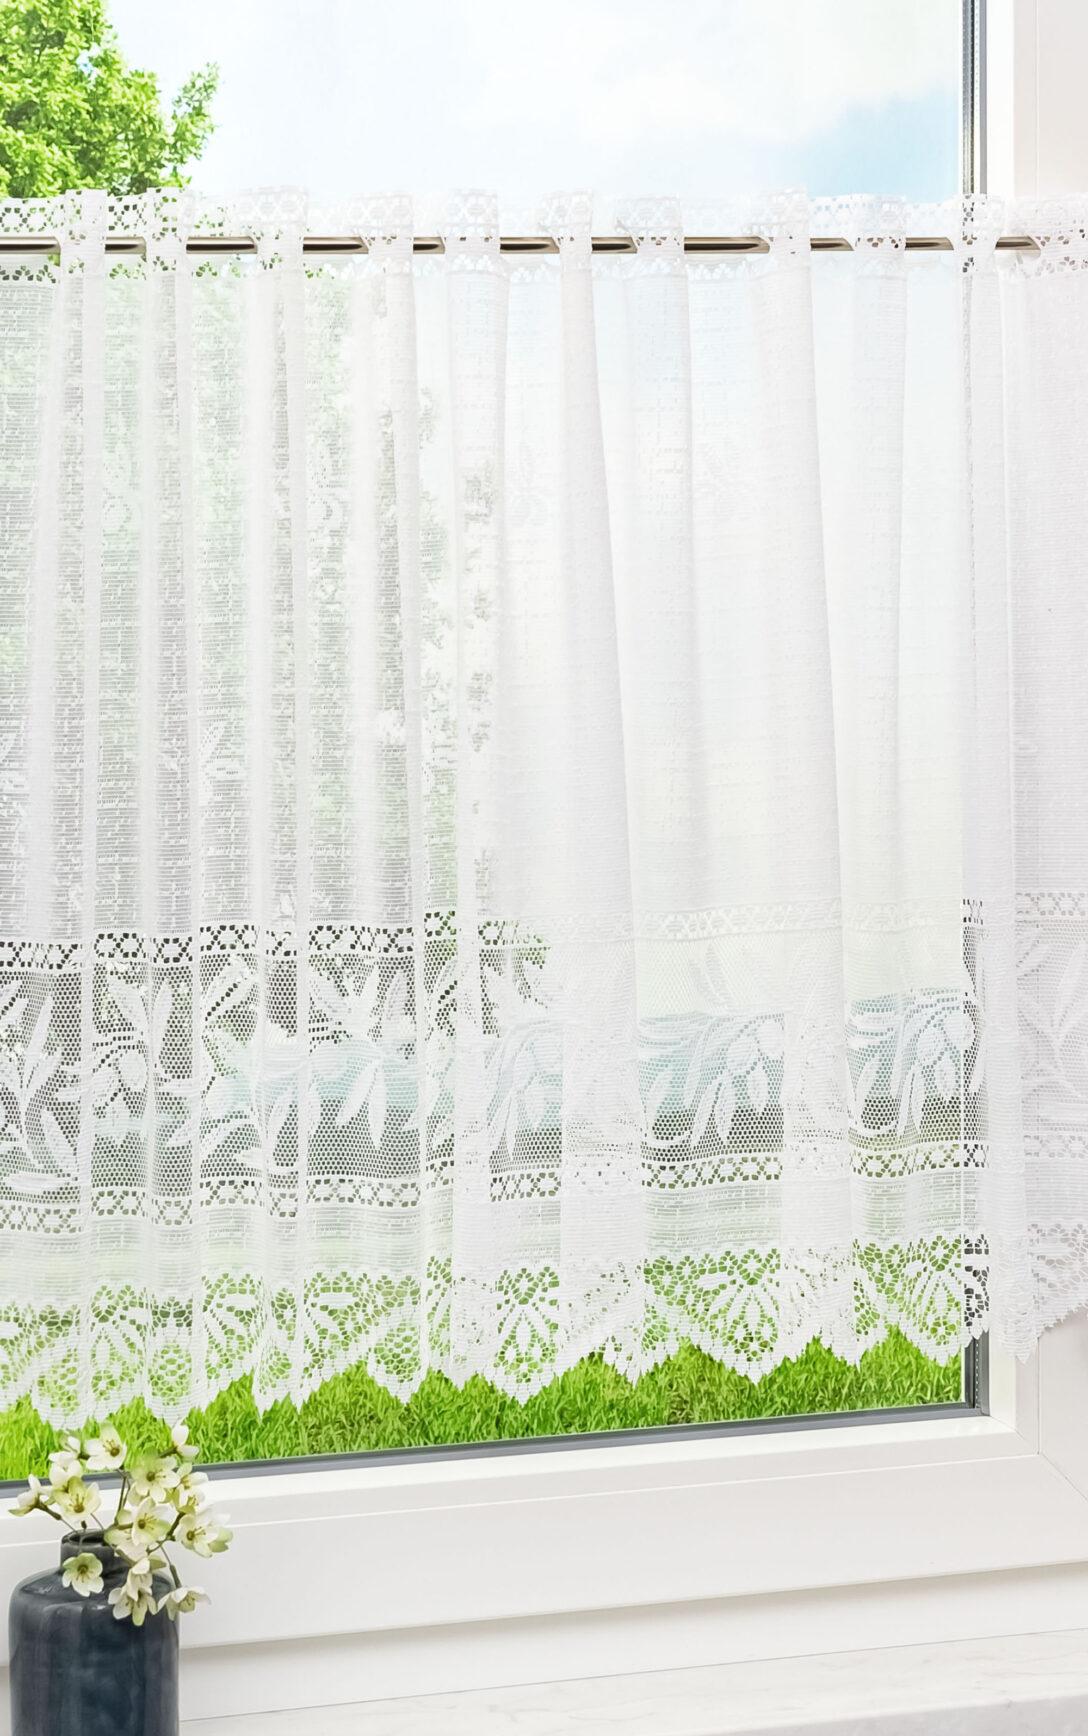 Large Size of Scheibengardinen Modern Klassisch Bistrogardinen Auf Moderne Duschen Küche Holz Deckenleuchte Wohnzimmer Bilder Fürs Modernes Bett 180x200 Schlafzimmer Weiss Wohnzimmer Scheibengardinen Modern